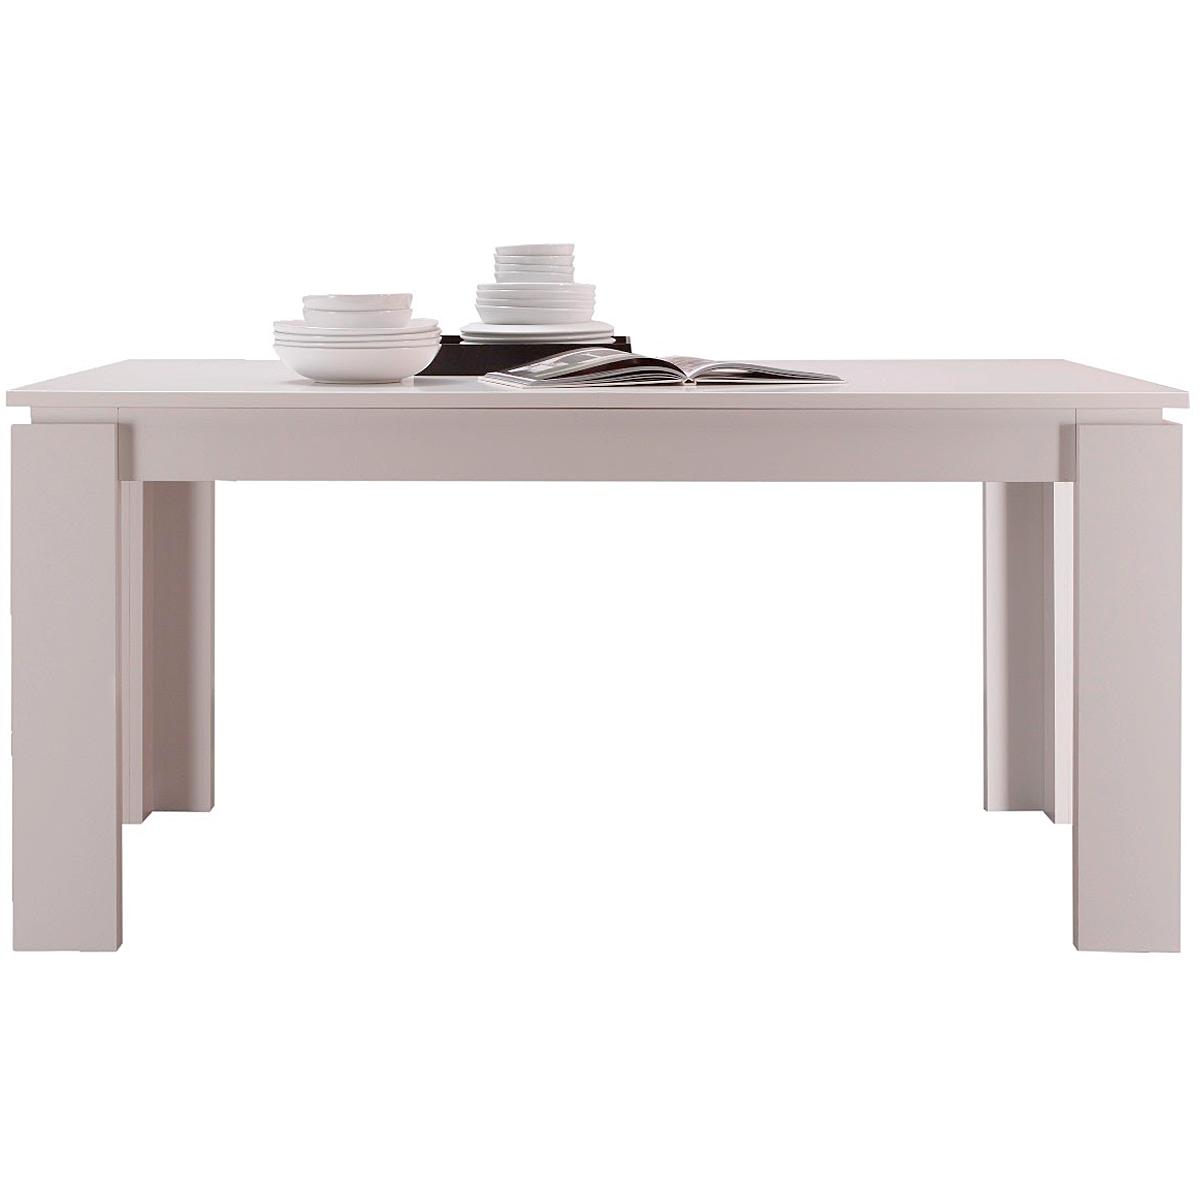 Full Size of Esstisch Holz Massiv Buche Weiß Ausziehbar Massivholz Oval Eiche Esstische Grau Holzplatte Runder Esstische Ausziehbarer Esstisch